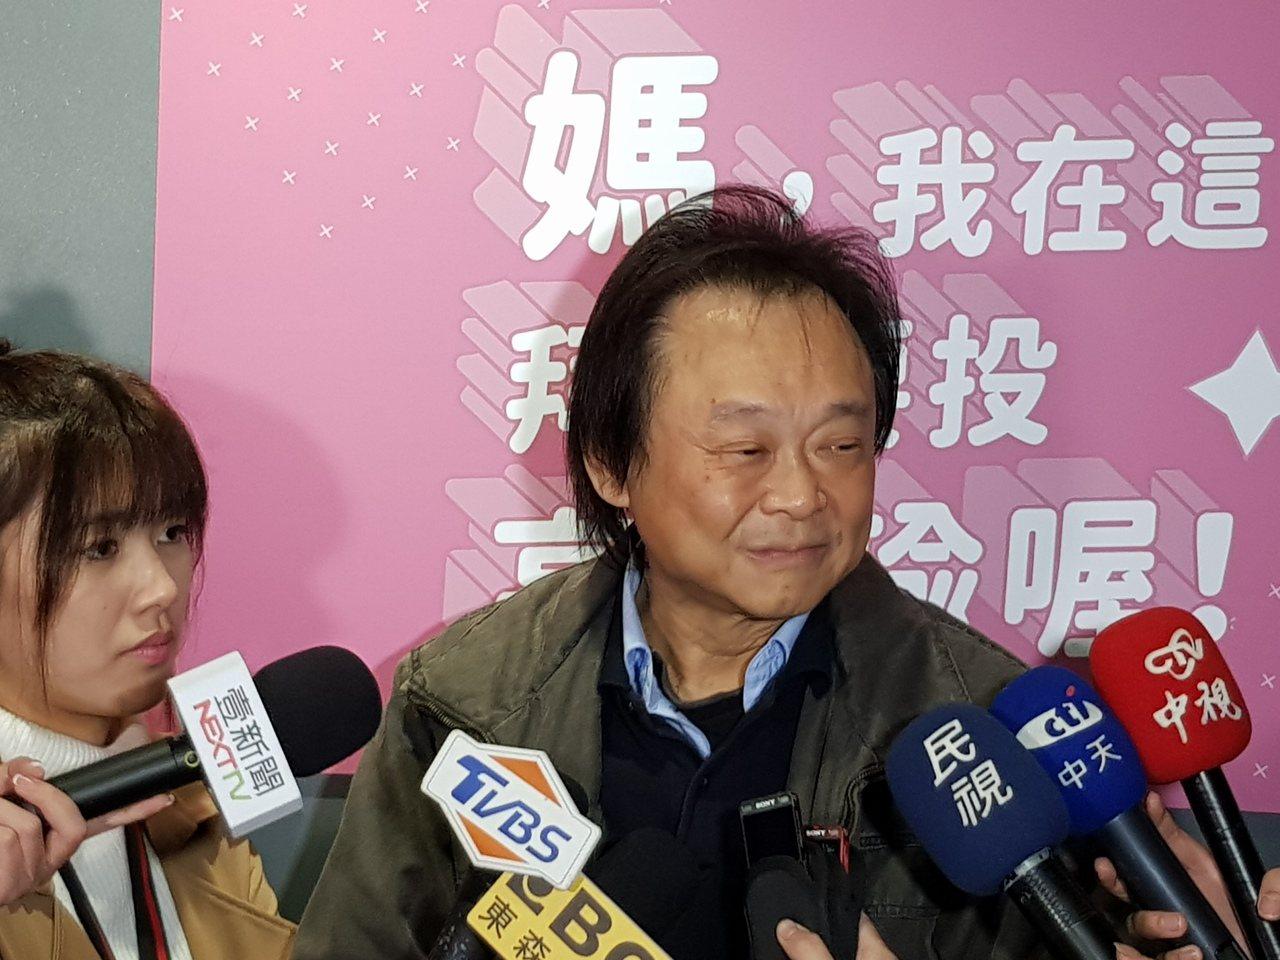 台北市議員王世堅去年2月受訪時表示,若蔡英文順利連任,他絕對會跳海慶祝,王世堅今...